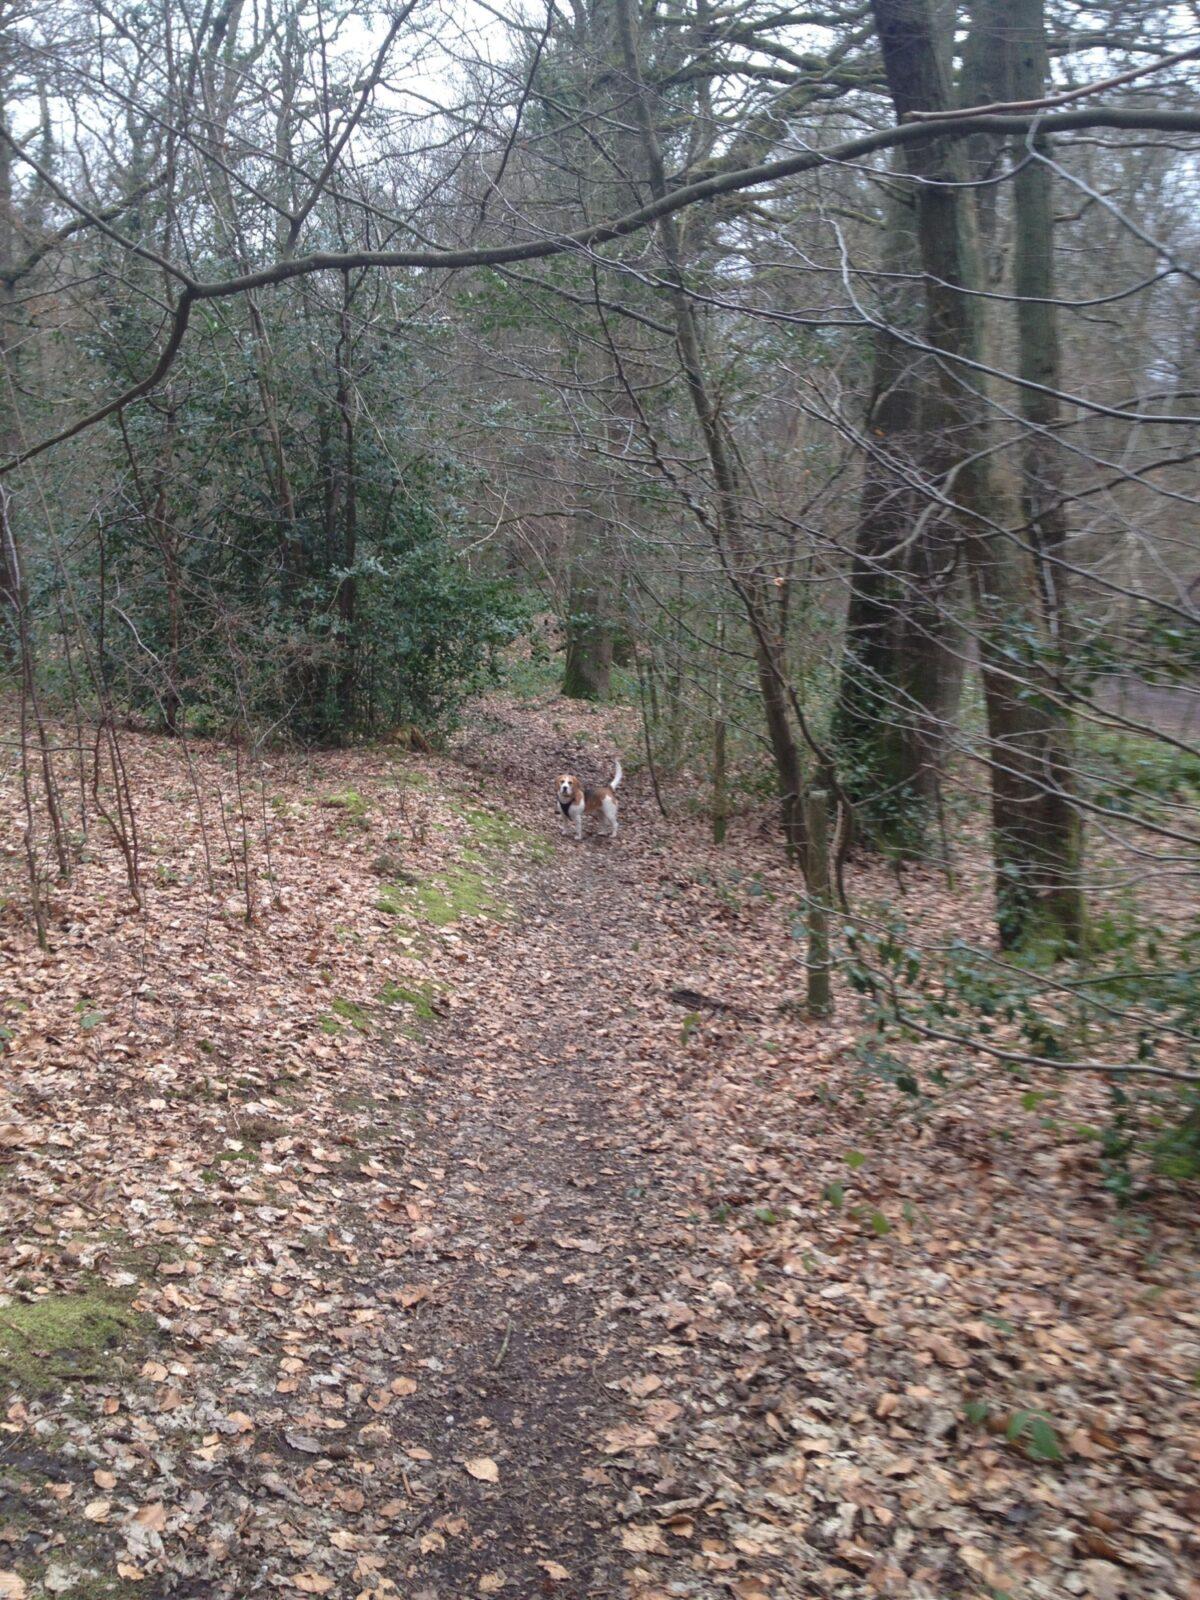 Sherrardspark Wood large photo 1